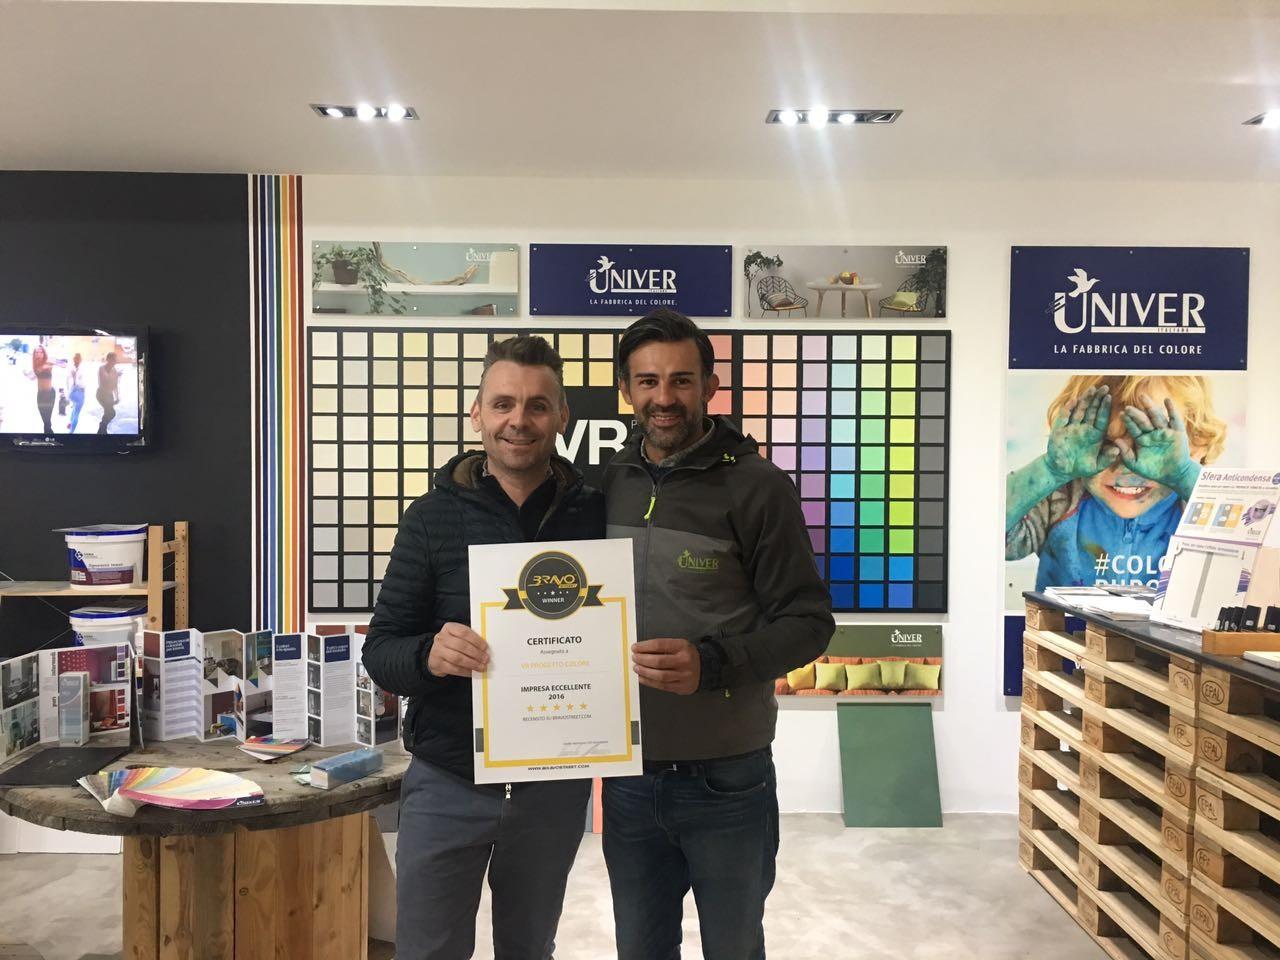 VR Progetto Colore - Winner 2016